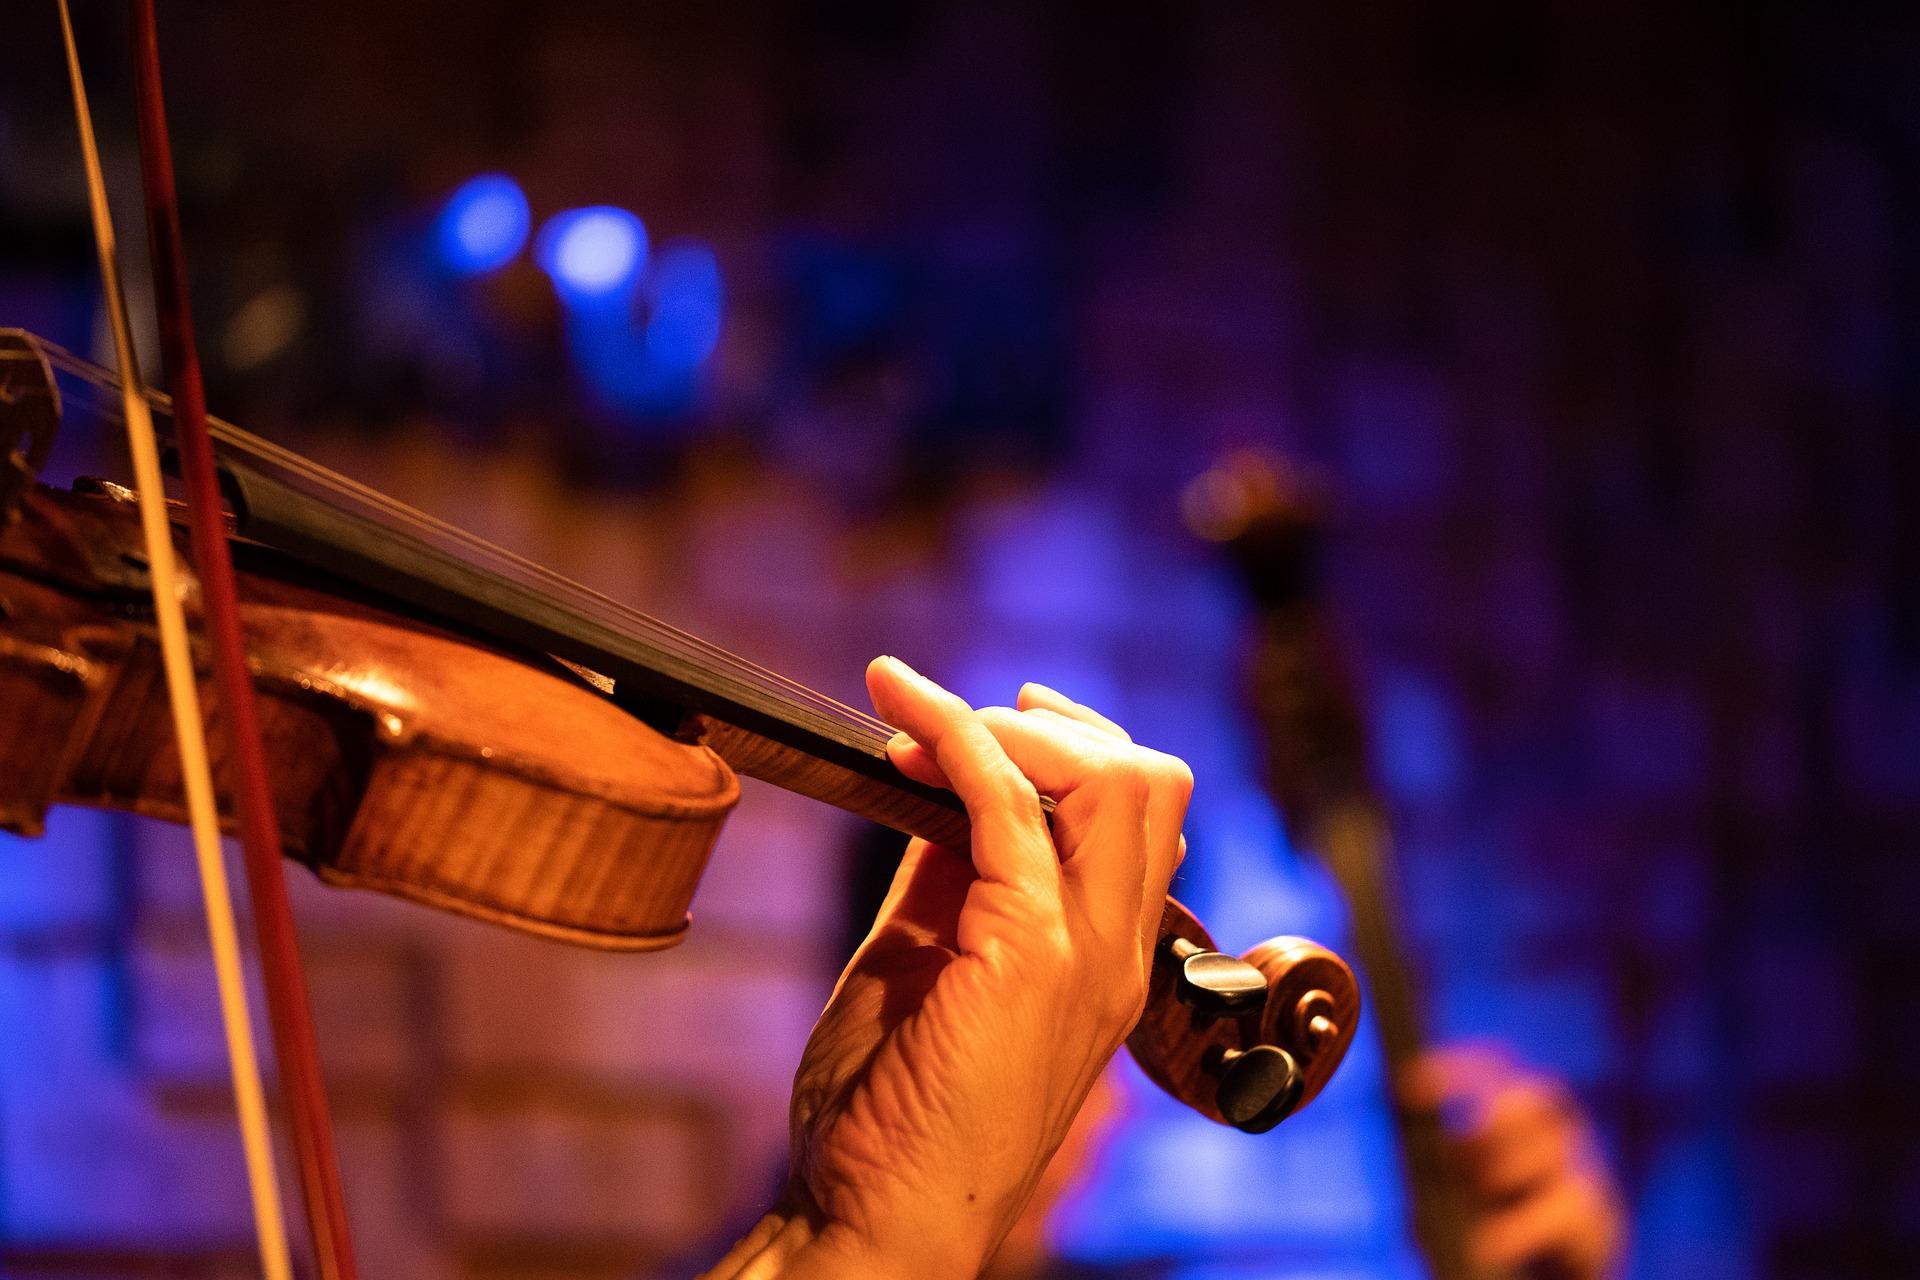 violin-4533910_1920